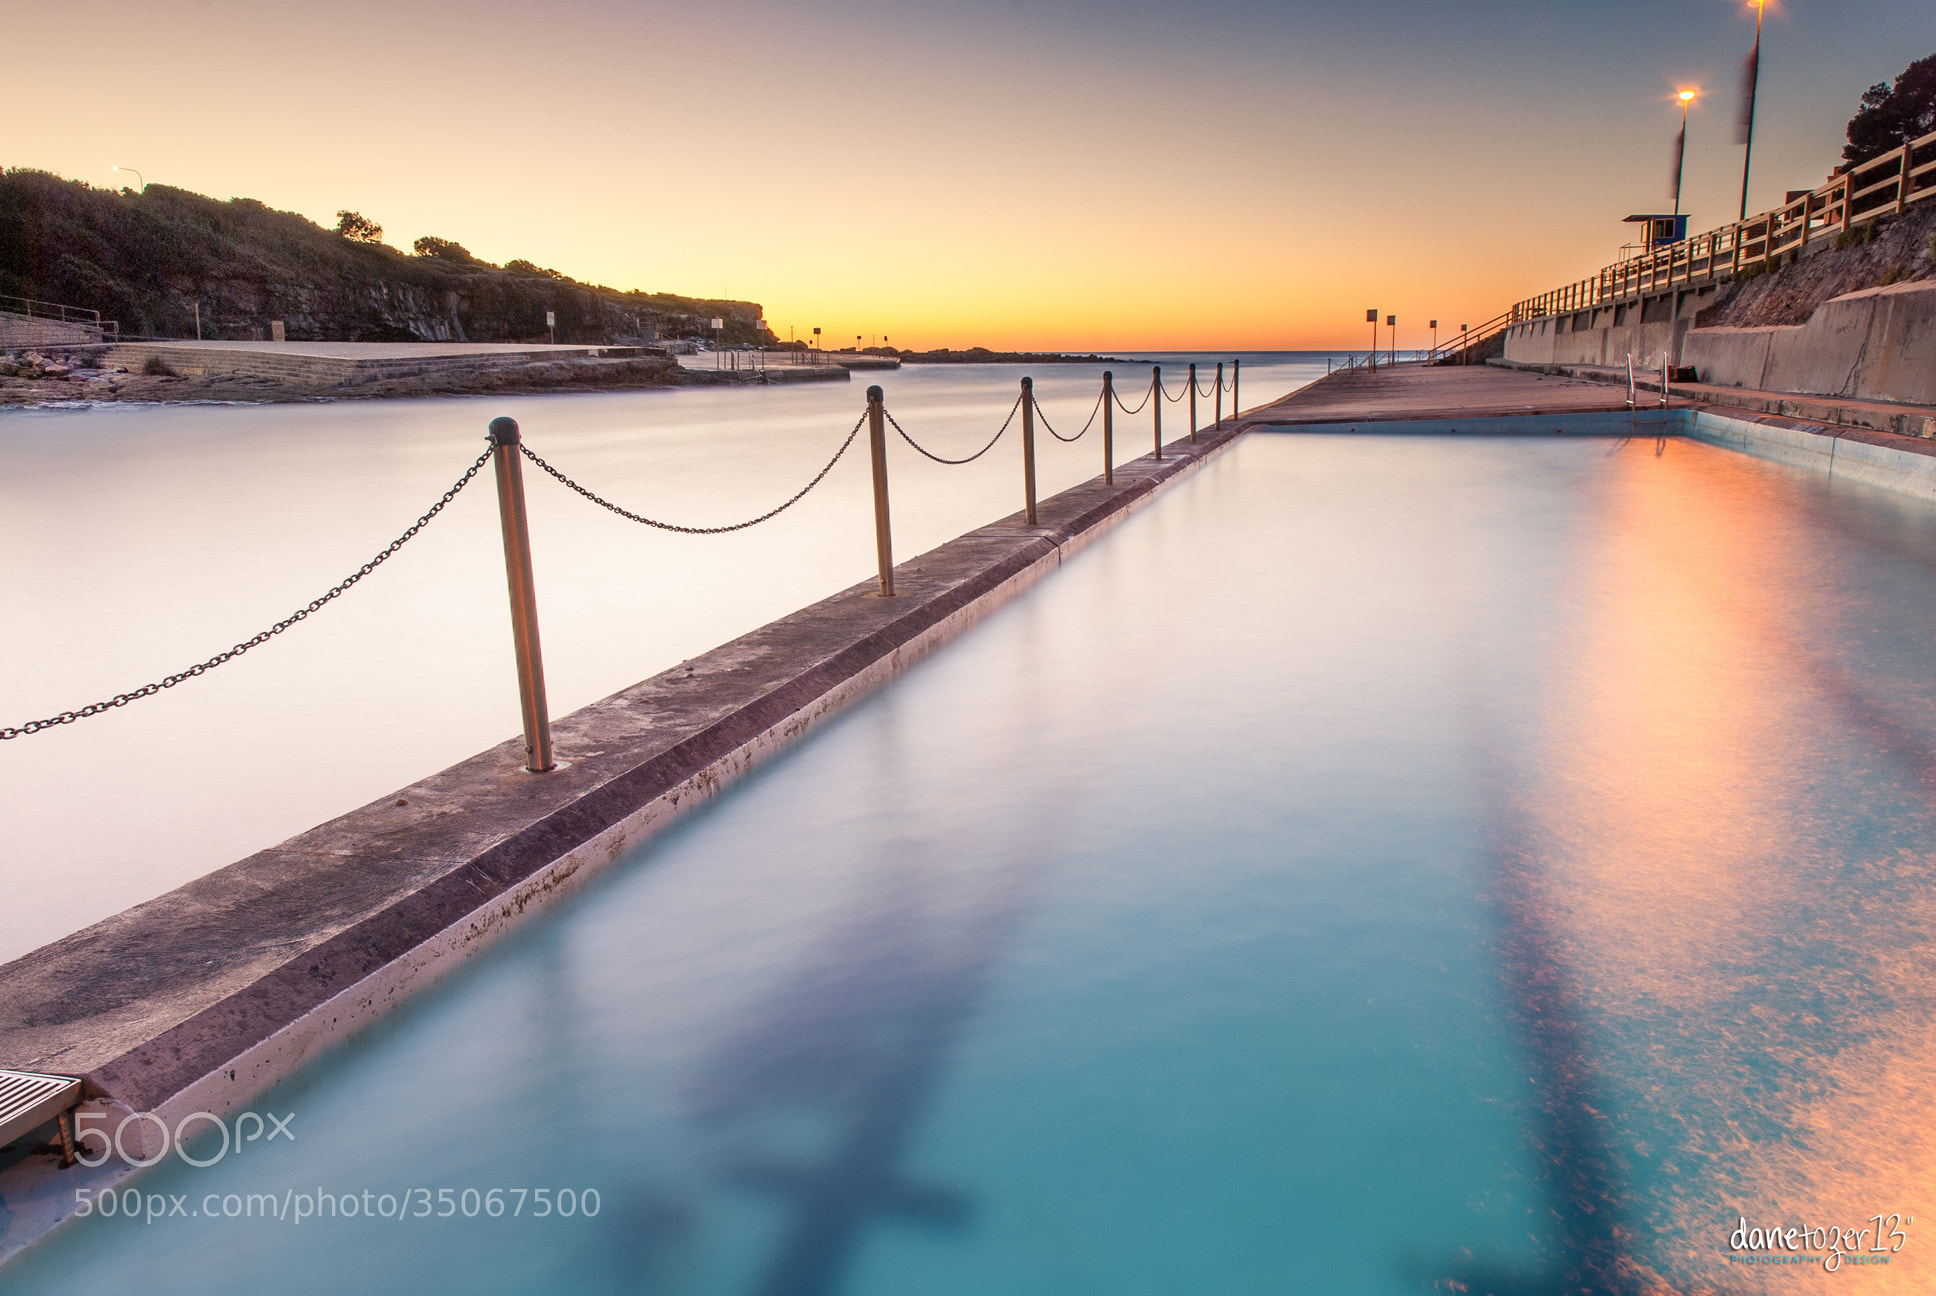 Photograph Clovelly morning light by Dane Tozer on 500px